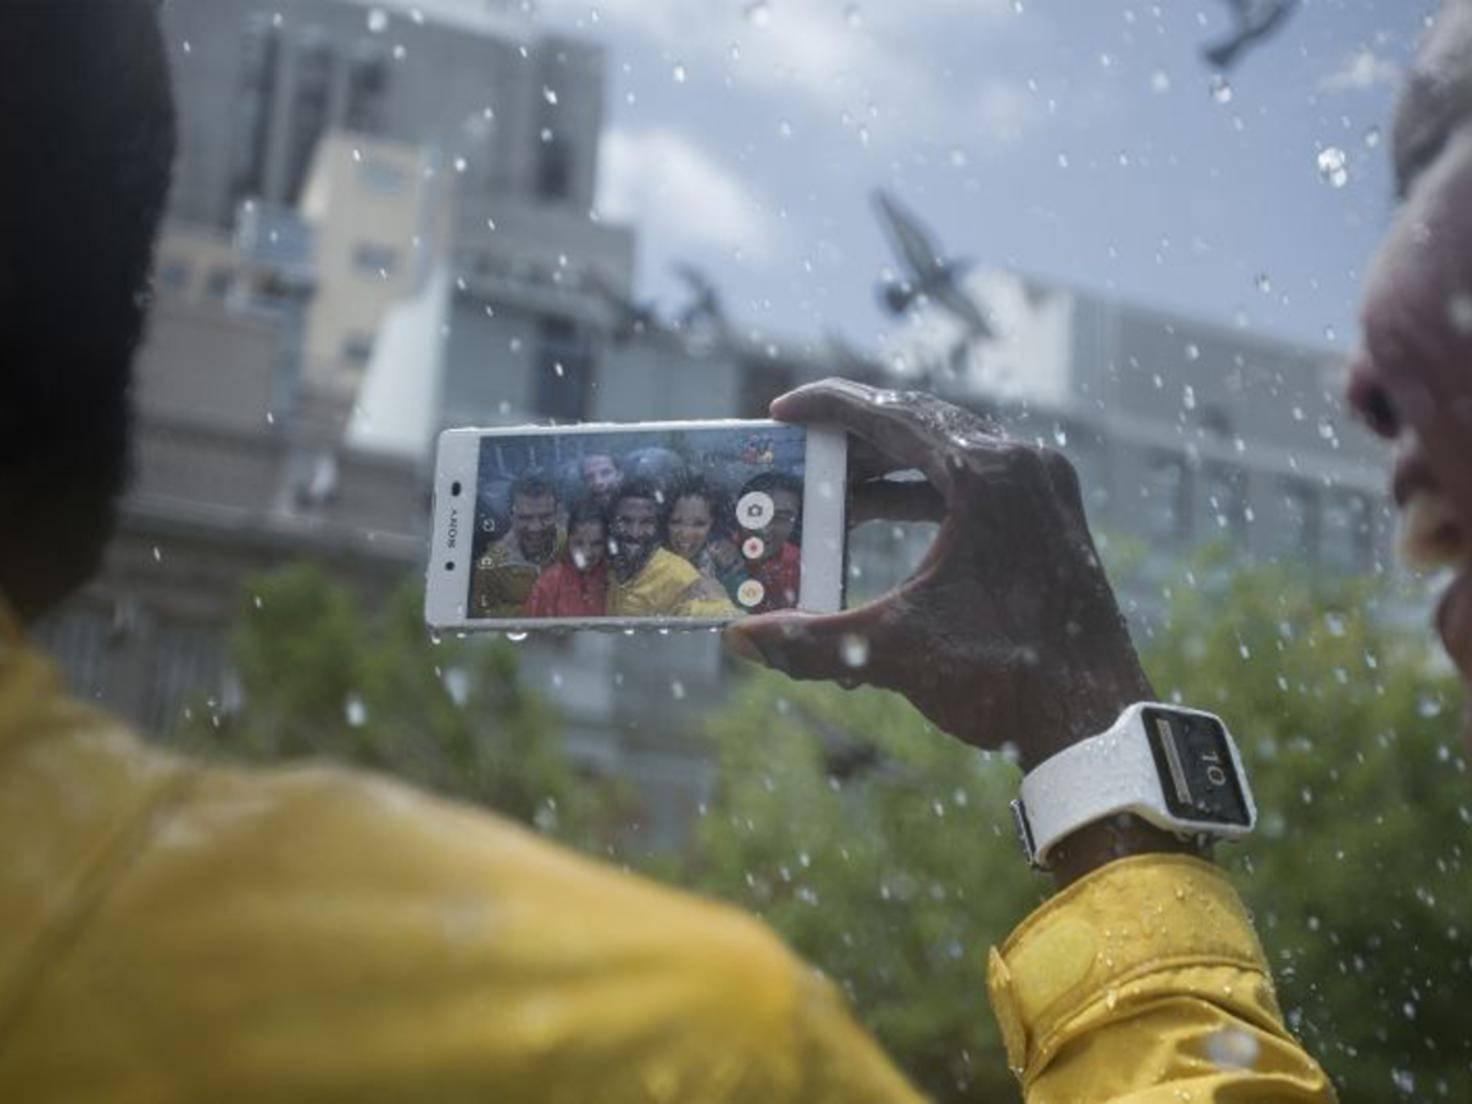 Sony Xperia Z3 Plus bzw. Z4